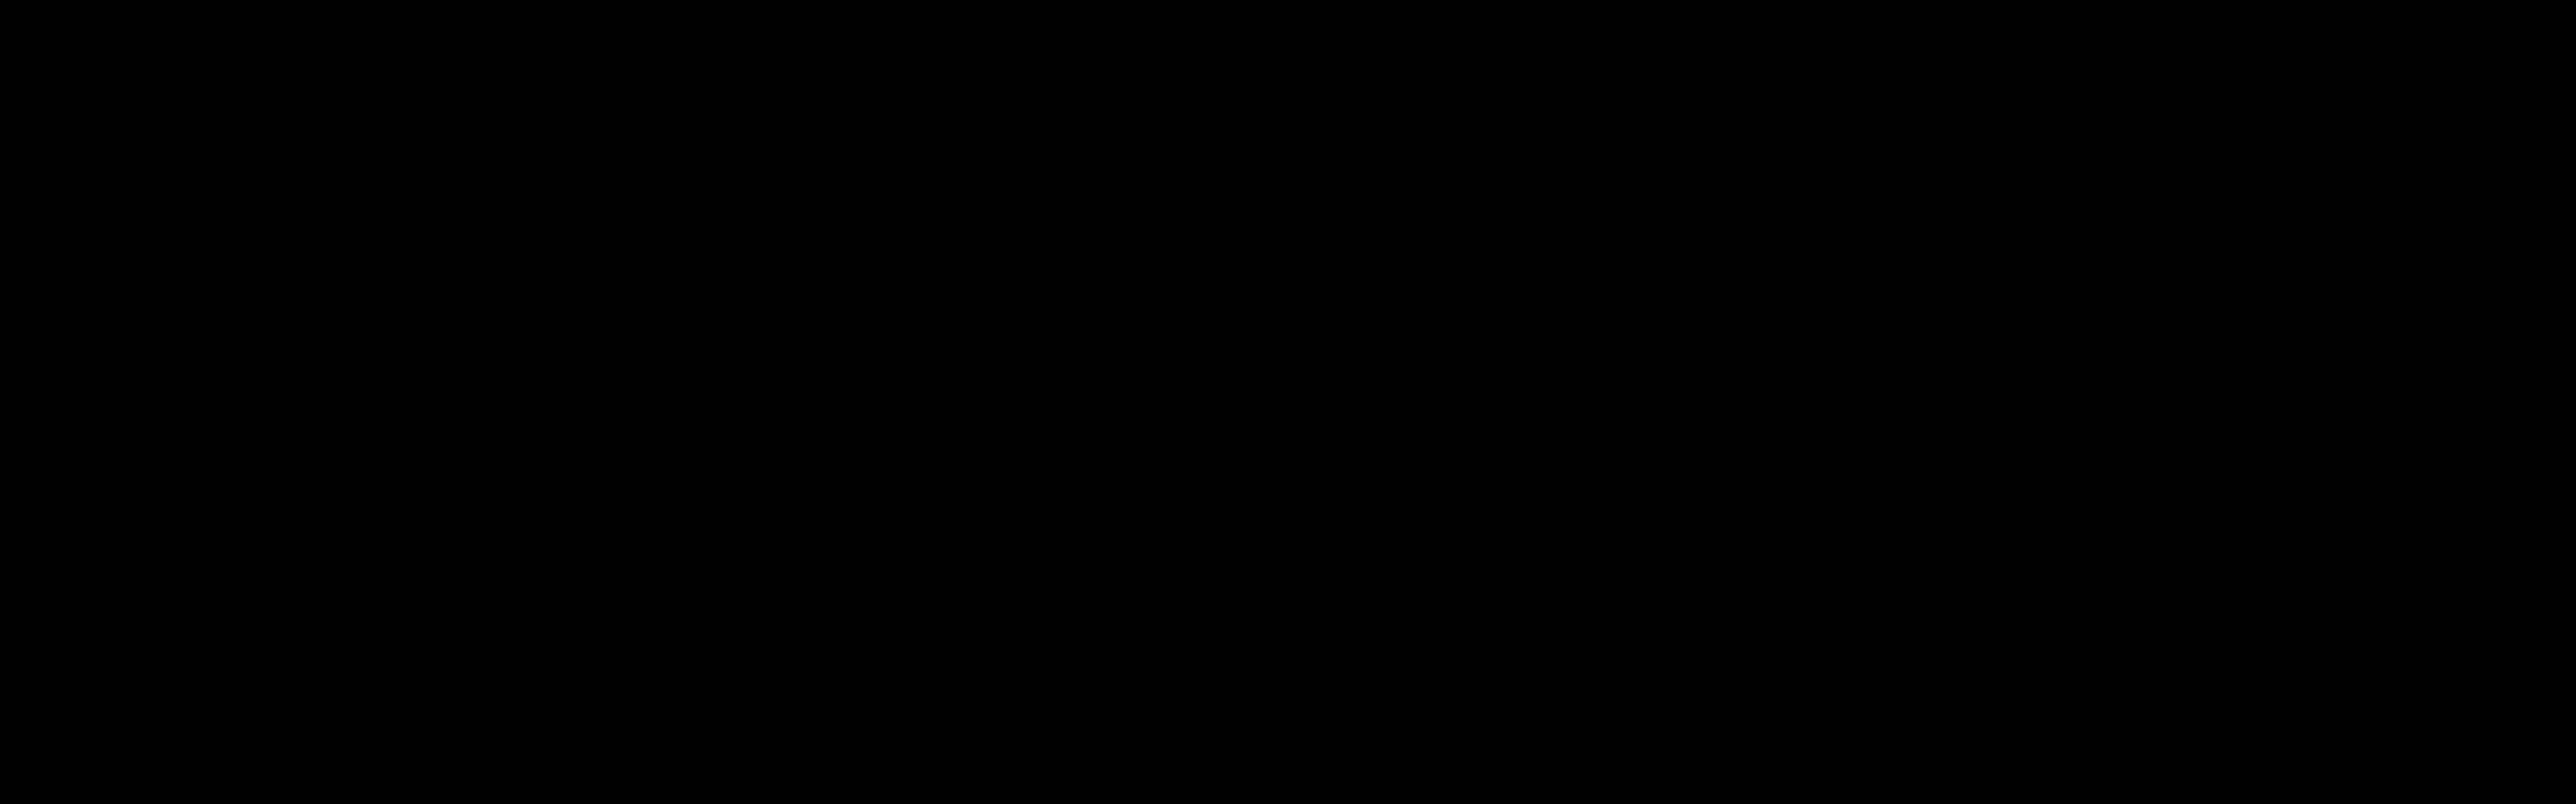 Landskab_panorama